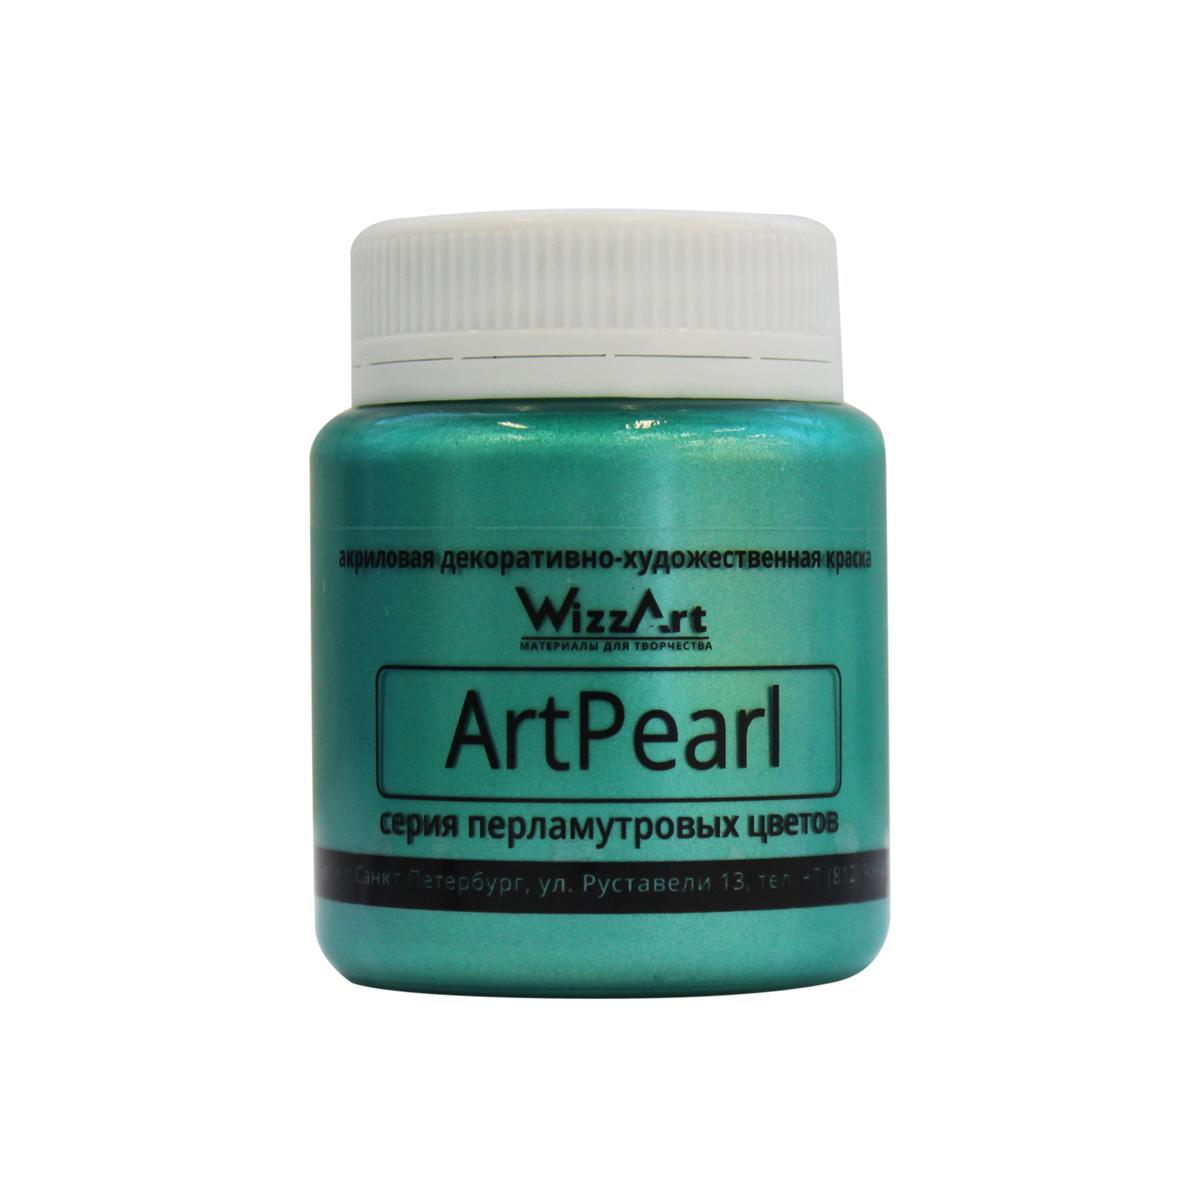 Краска акриловая Wizzart ArtPearl, цвет: зеленый, 80 мл501020